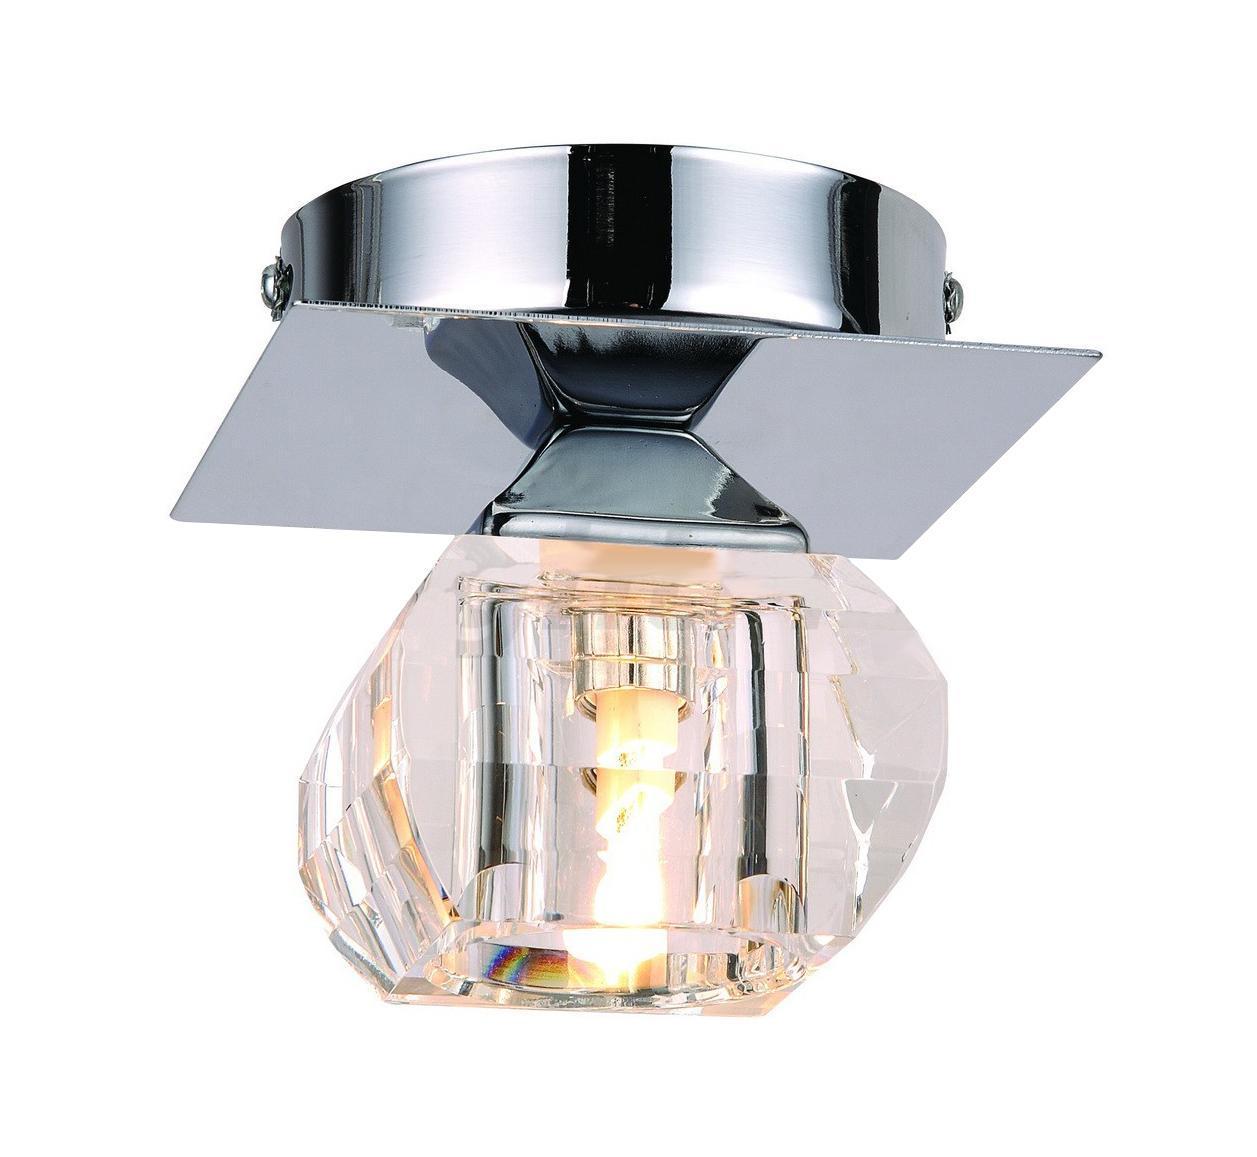 Потолочный светильник Globo CUBUS 5692-15692-1От производителя Подвесной светильник Globo Cubus с оригинальным дизайном выполнен в лучших традициях стиля модерн и будет удачно смотреться в современном интерьере. В этой модели светильника используются галогенные лампы g9. Они работают от 220 Вольт и дают теплый свет, при этом спектр излучения намного ближе к естественному, чем у лампочек накаливания. Их основное преимущество - маленькие размеры.